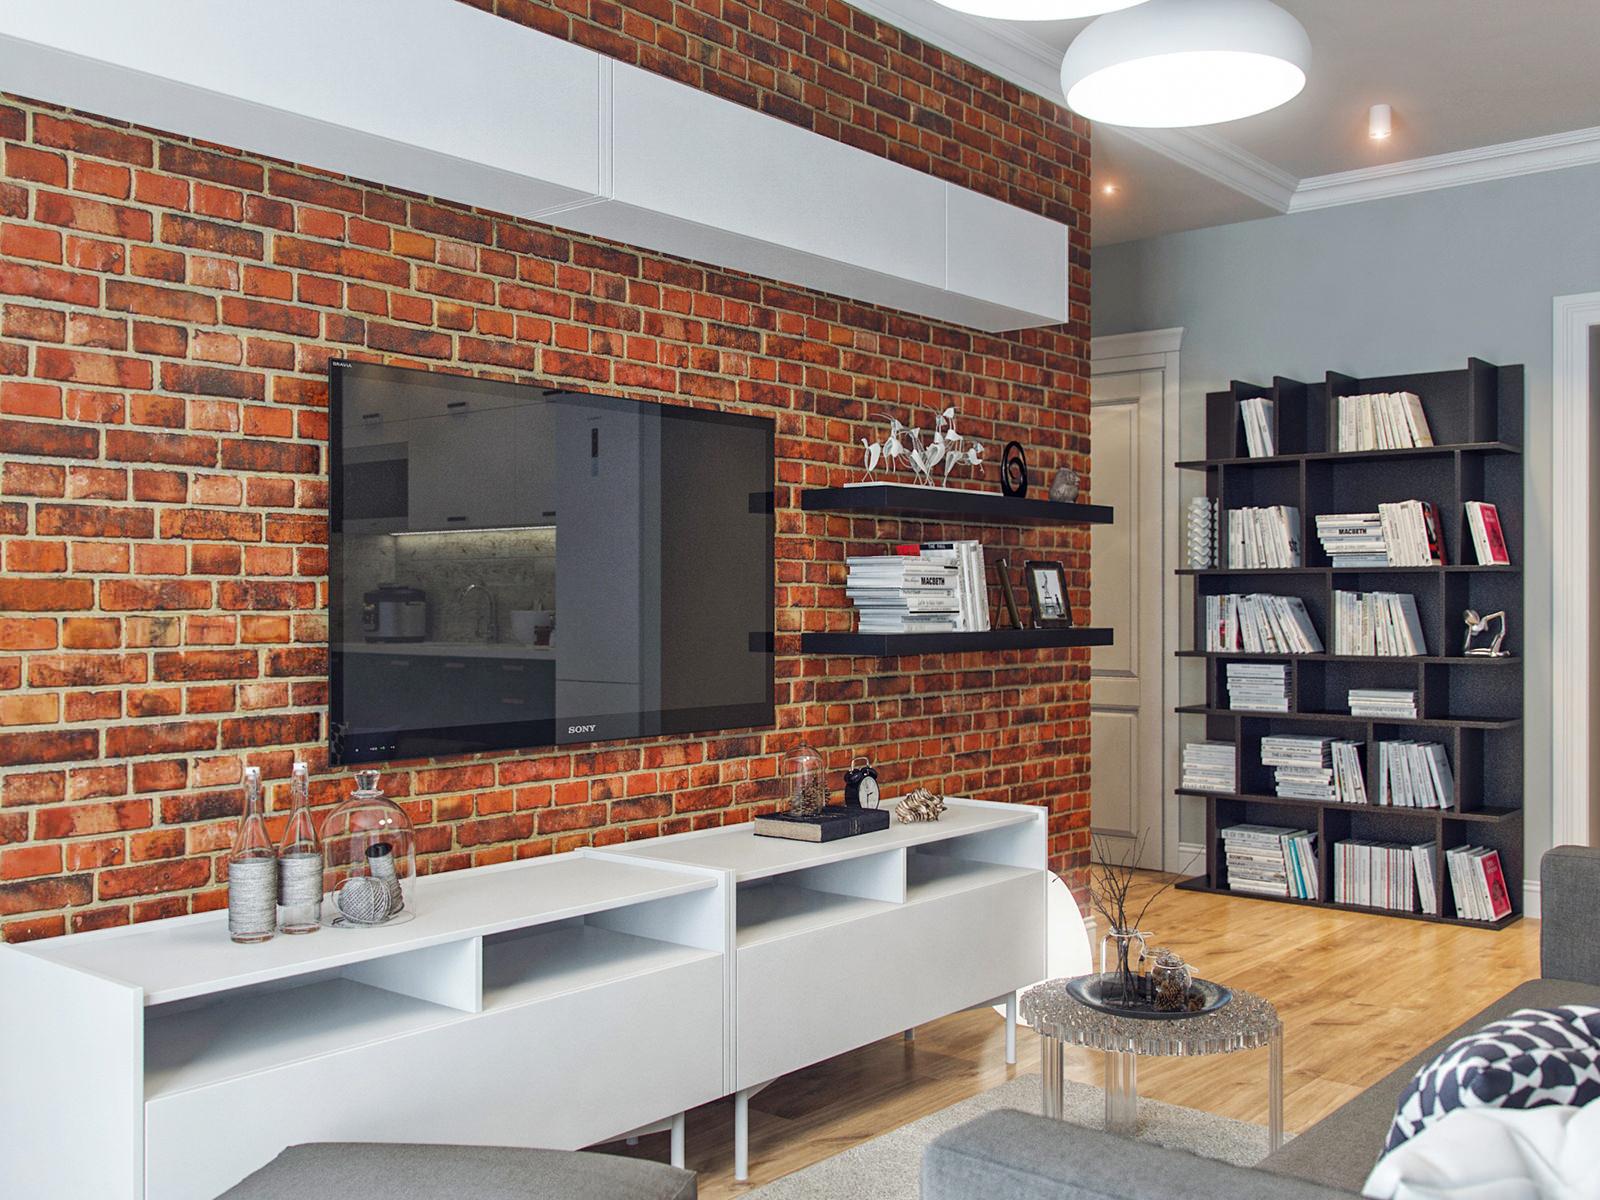 mur de briques à l'intérieur